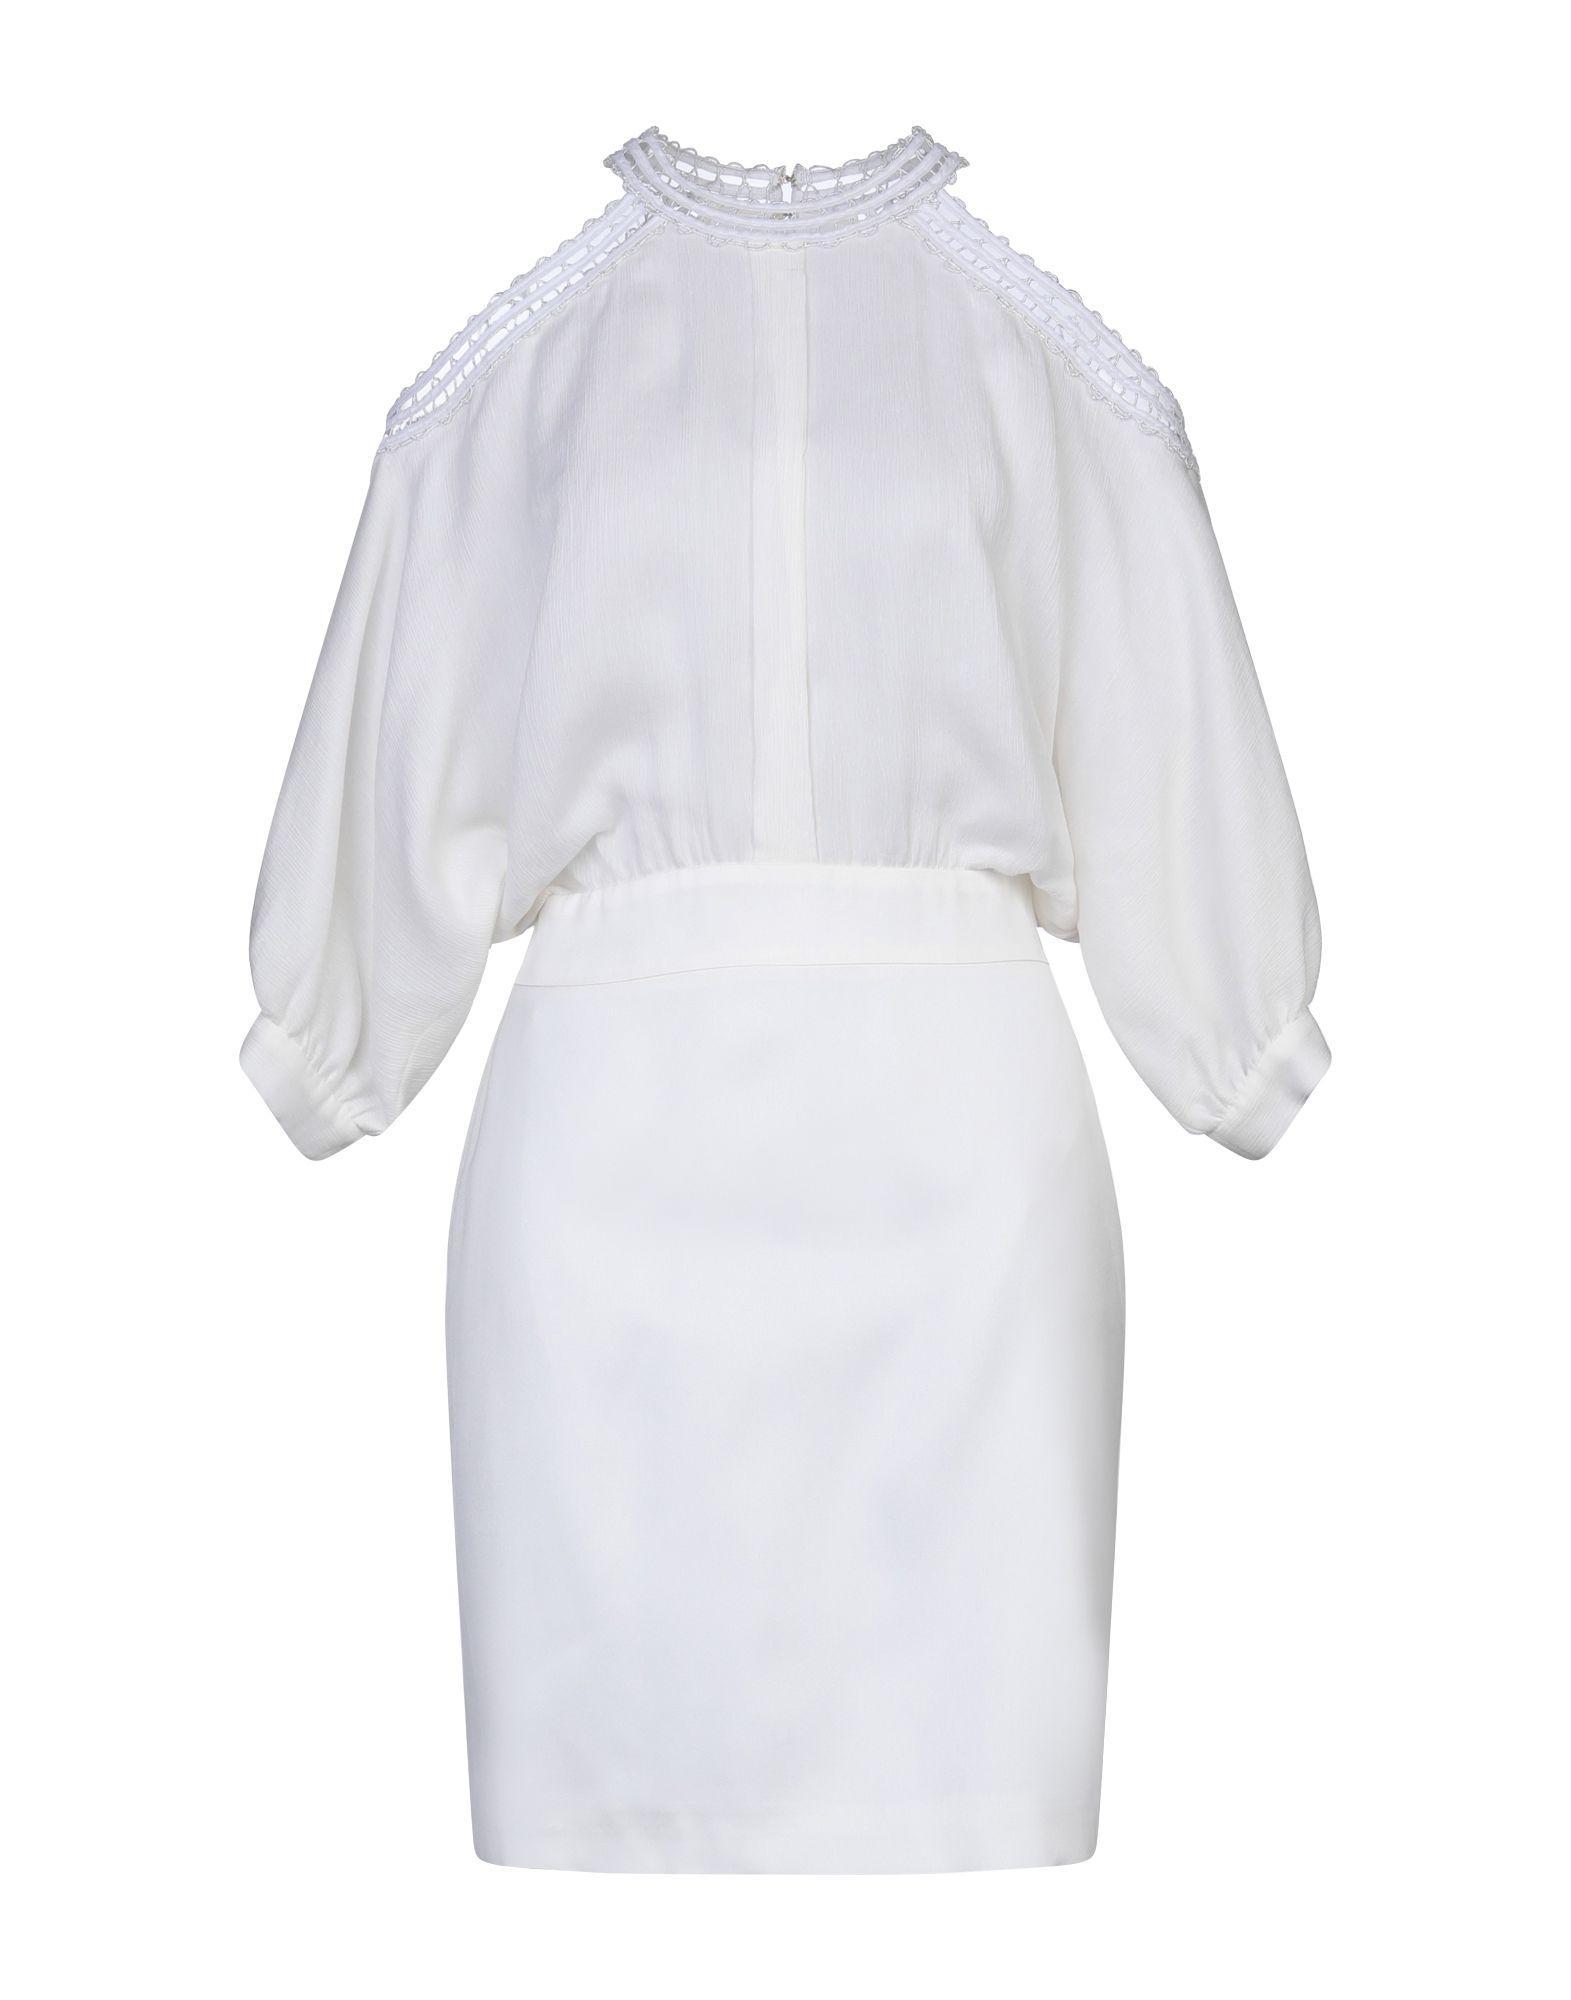 GENNY ジェニー レディース ミニワンピース&ドレス ホワイト